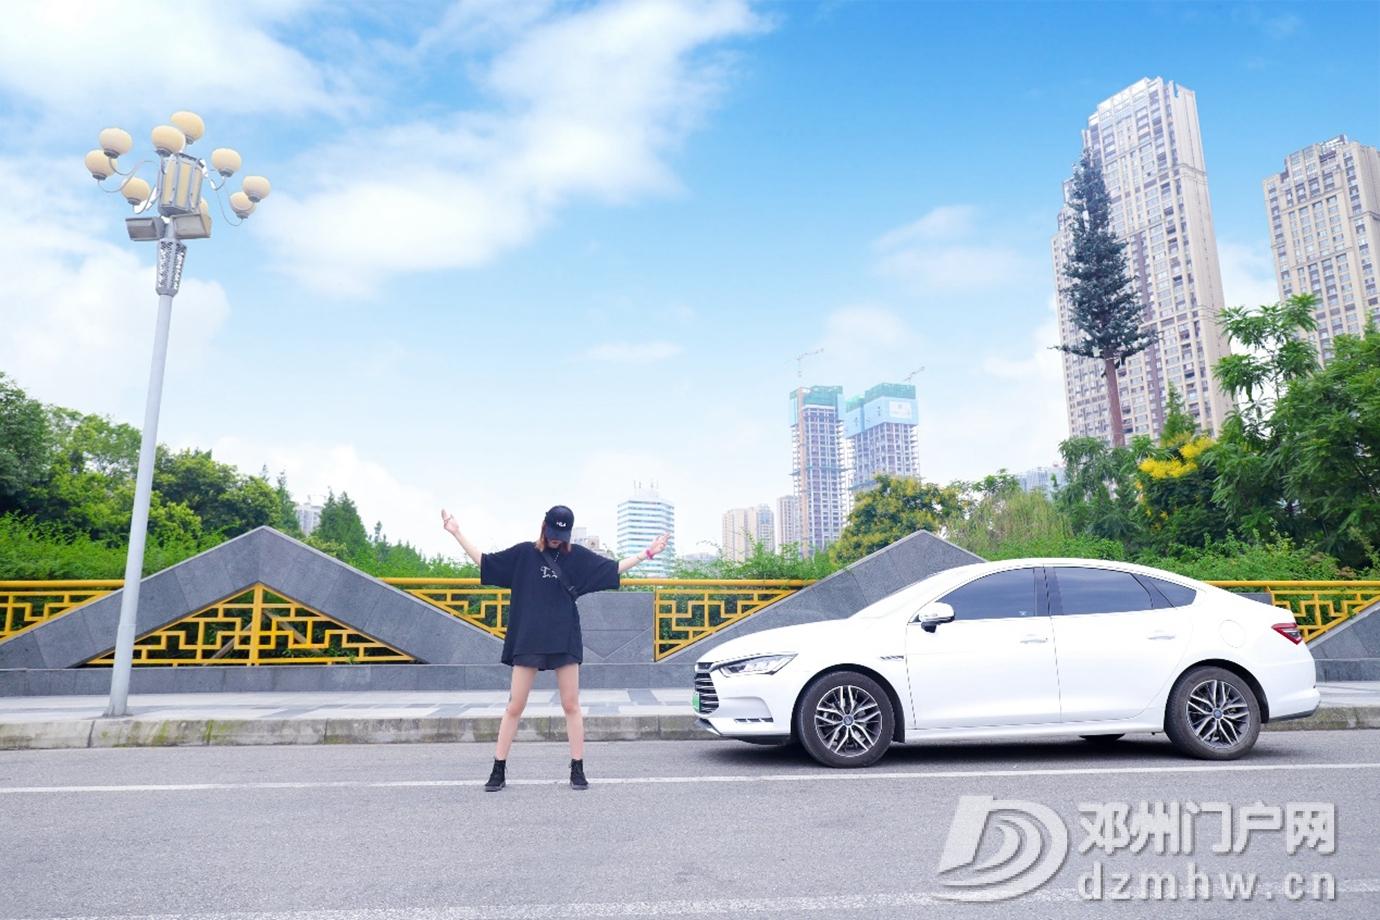 秦Pro DM车主的嘻哈生活 - 邓州门户网|邓州网 - a13.jpg